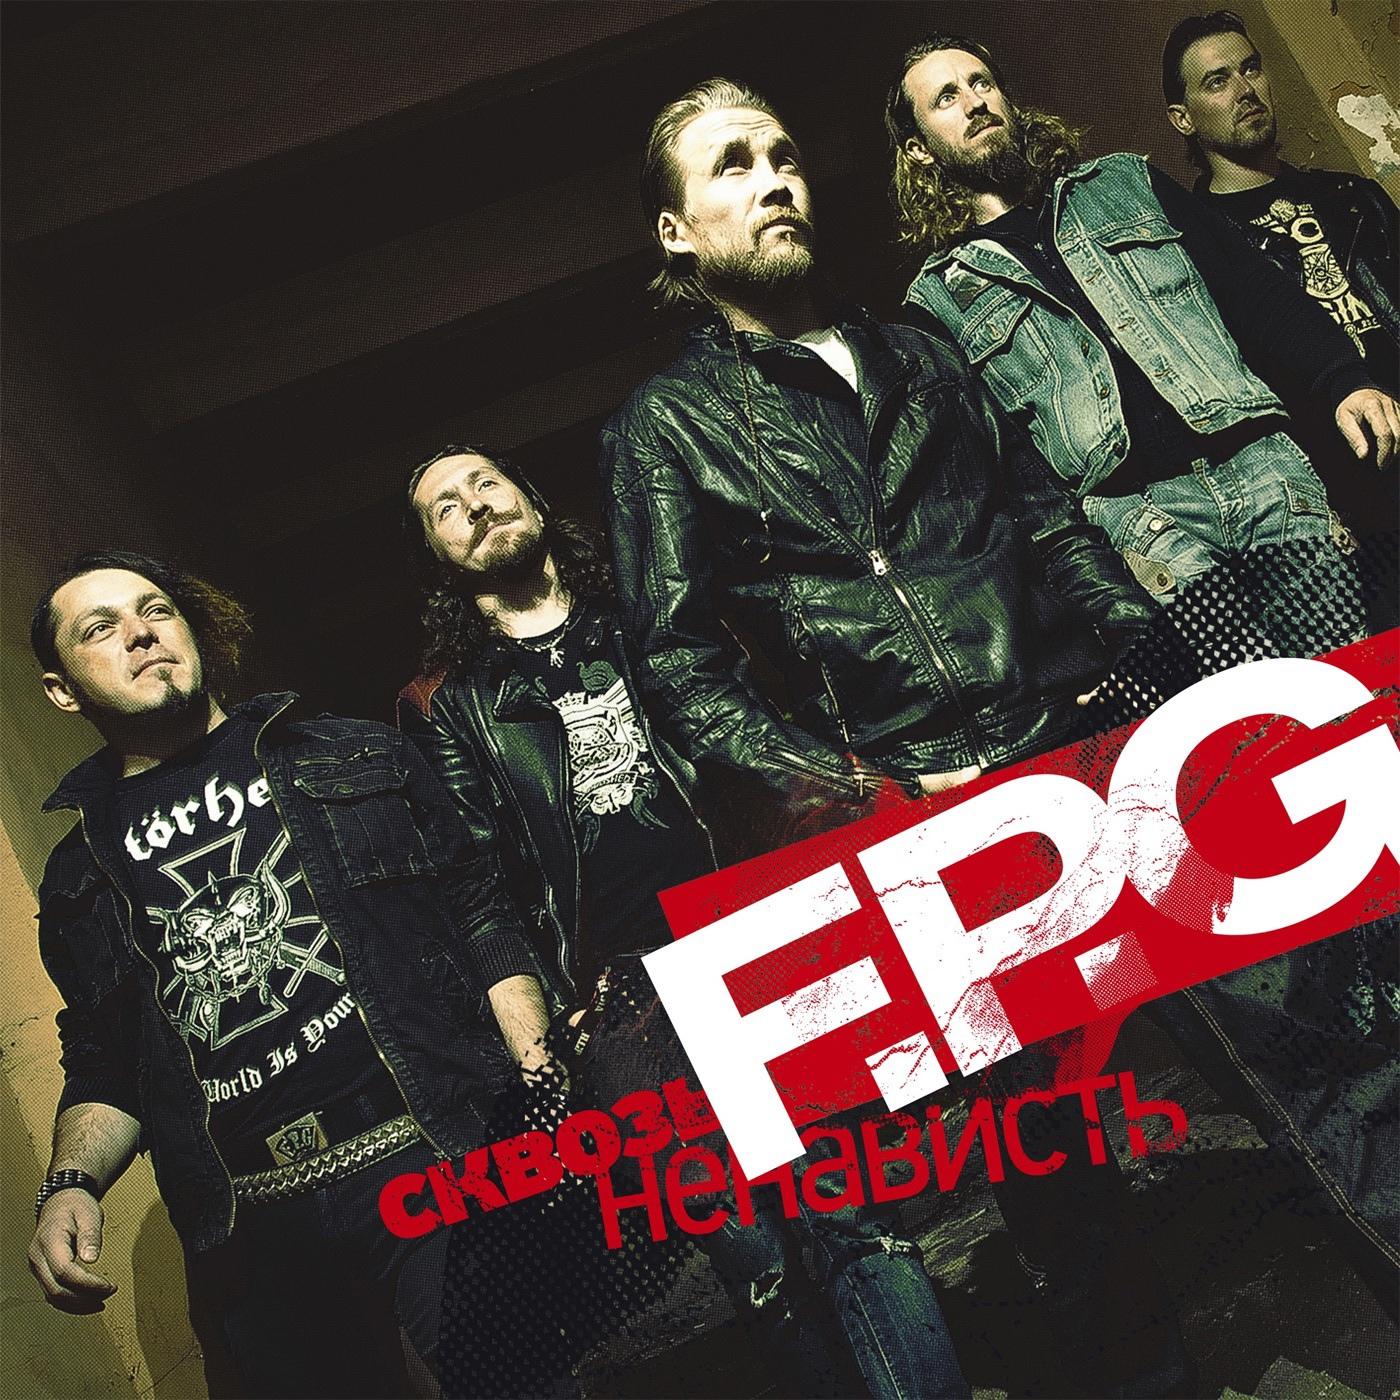 F.P.G. album Сквозь ненависть